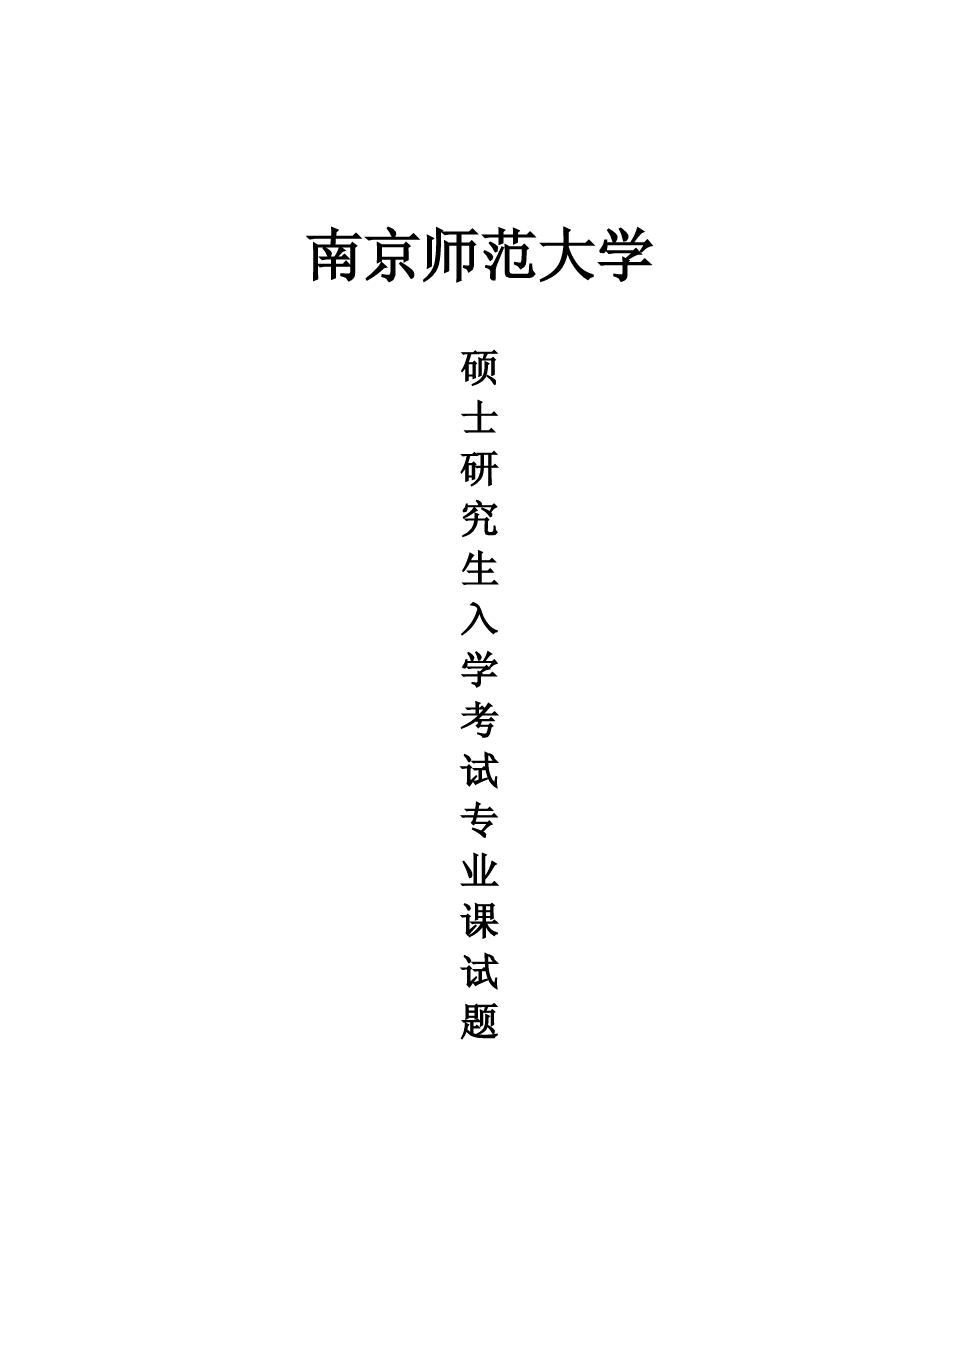 南京师范大学高等代数2014年考研真题考研专业课真题